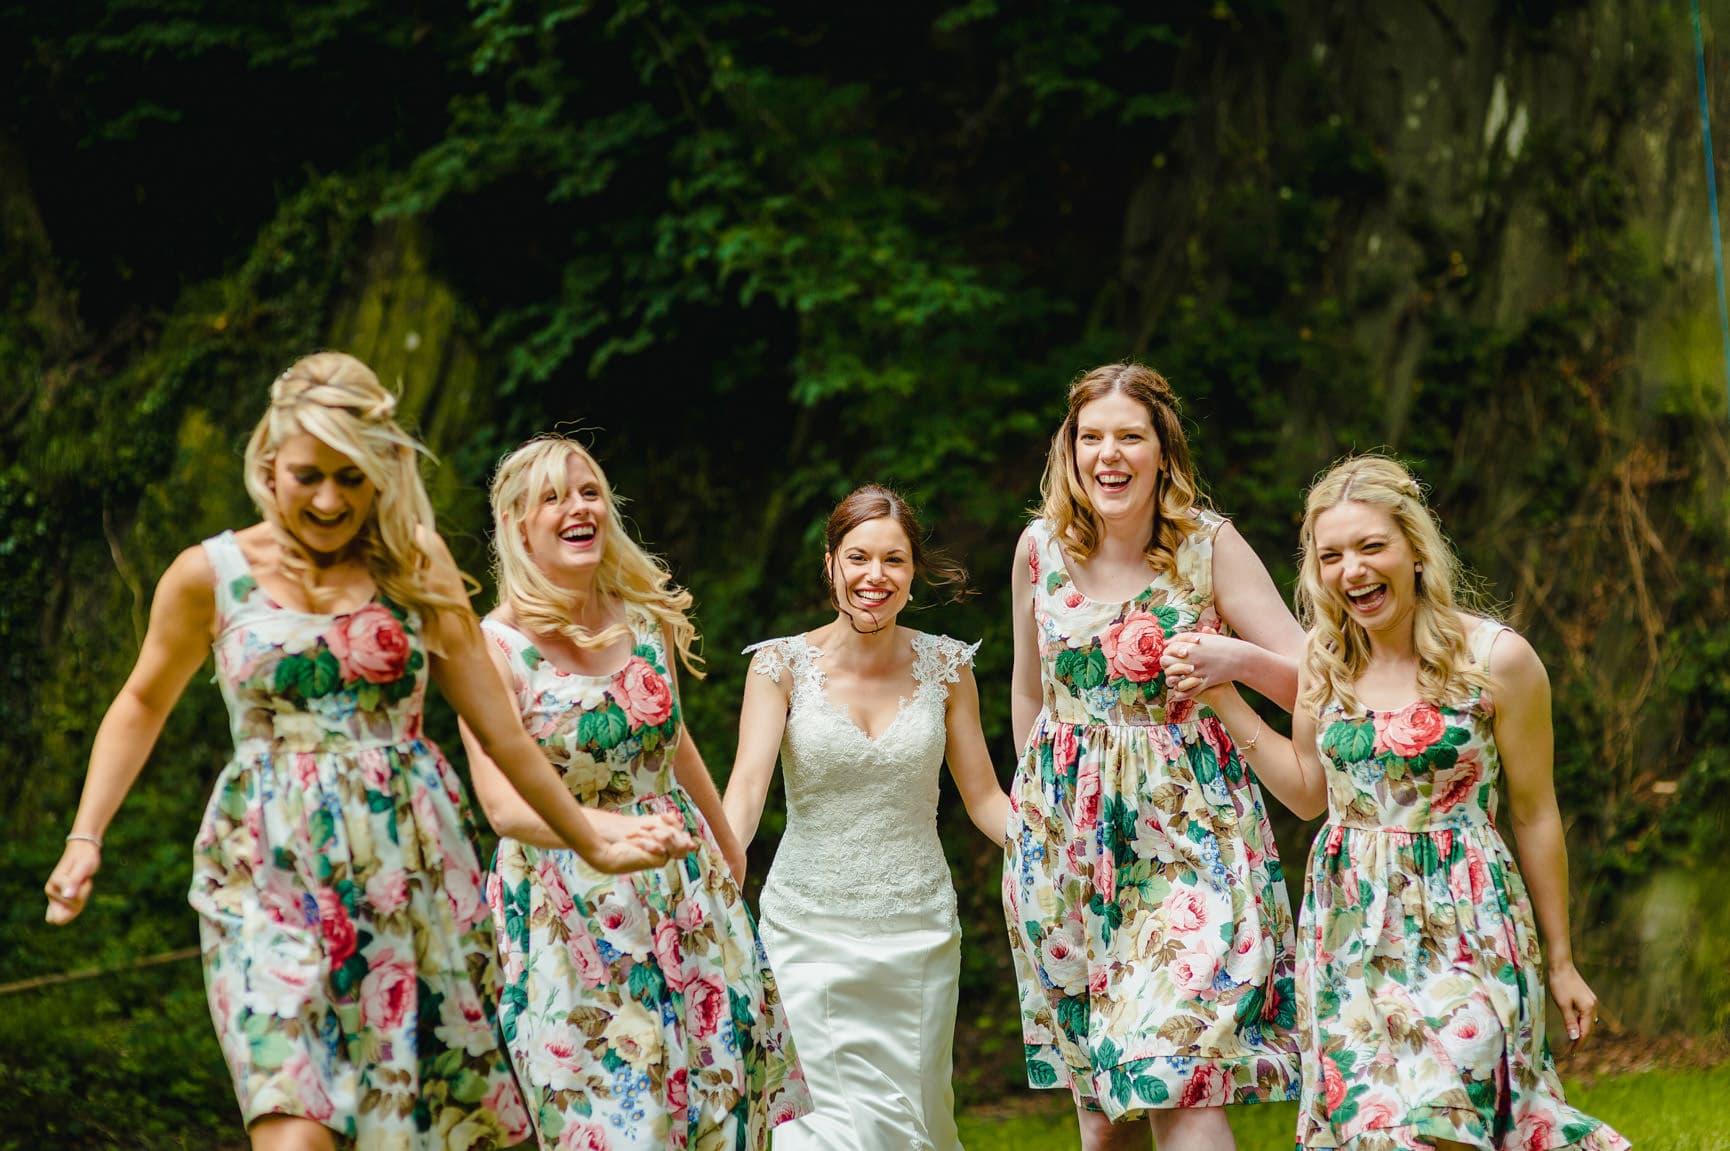 Fforest Wedding, Cardigan, Wales - Lauren and Gareth 136